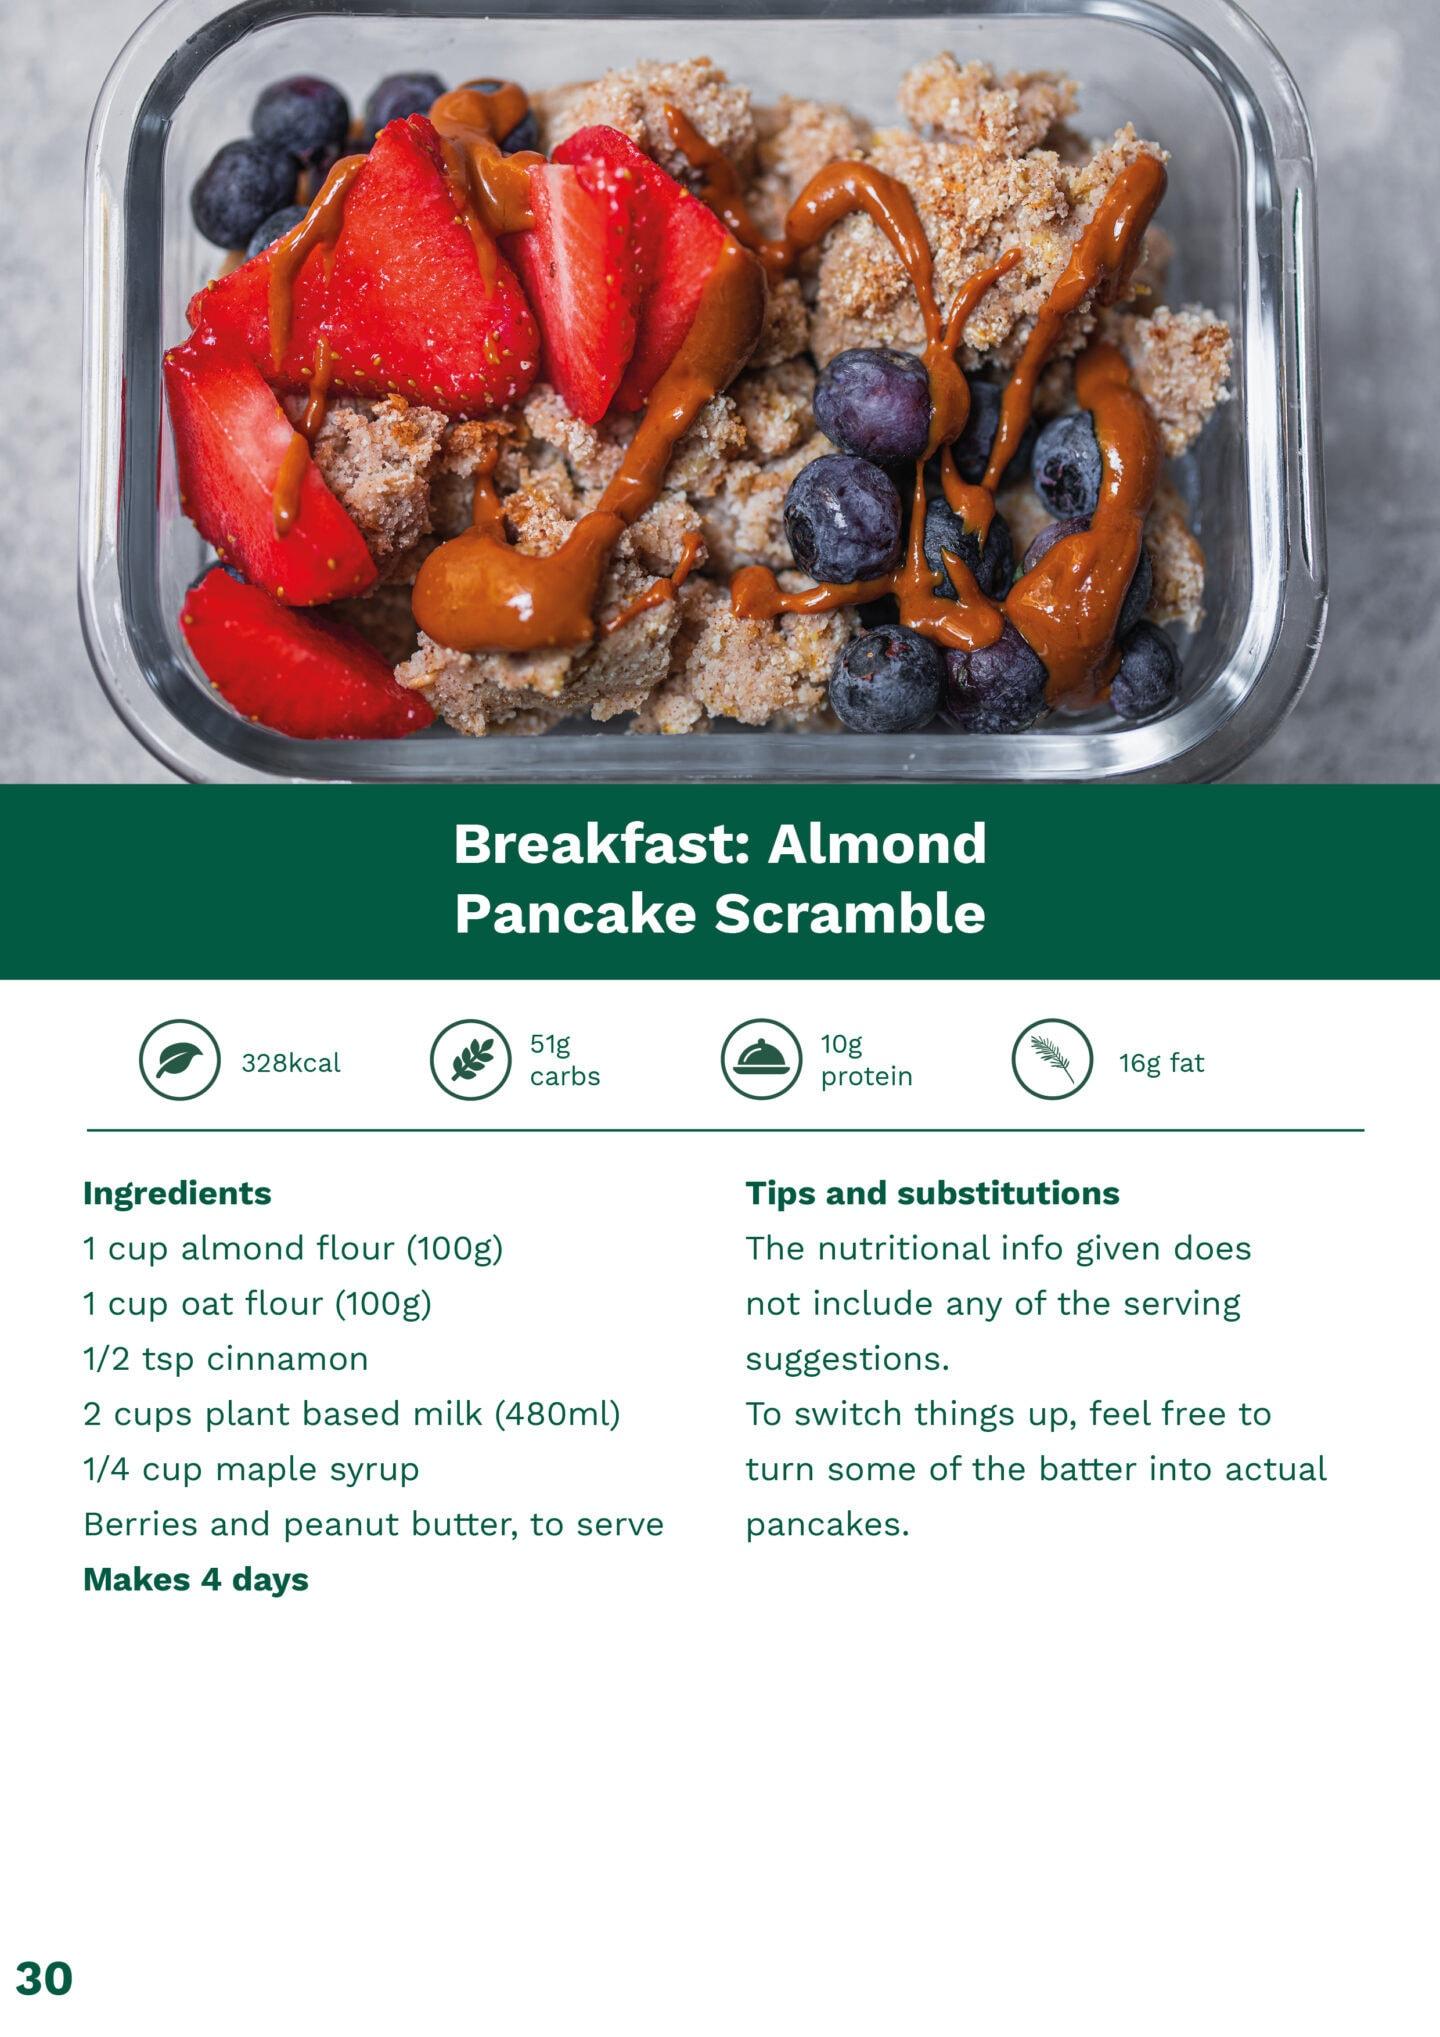 Almond pancake scramble